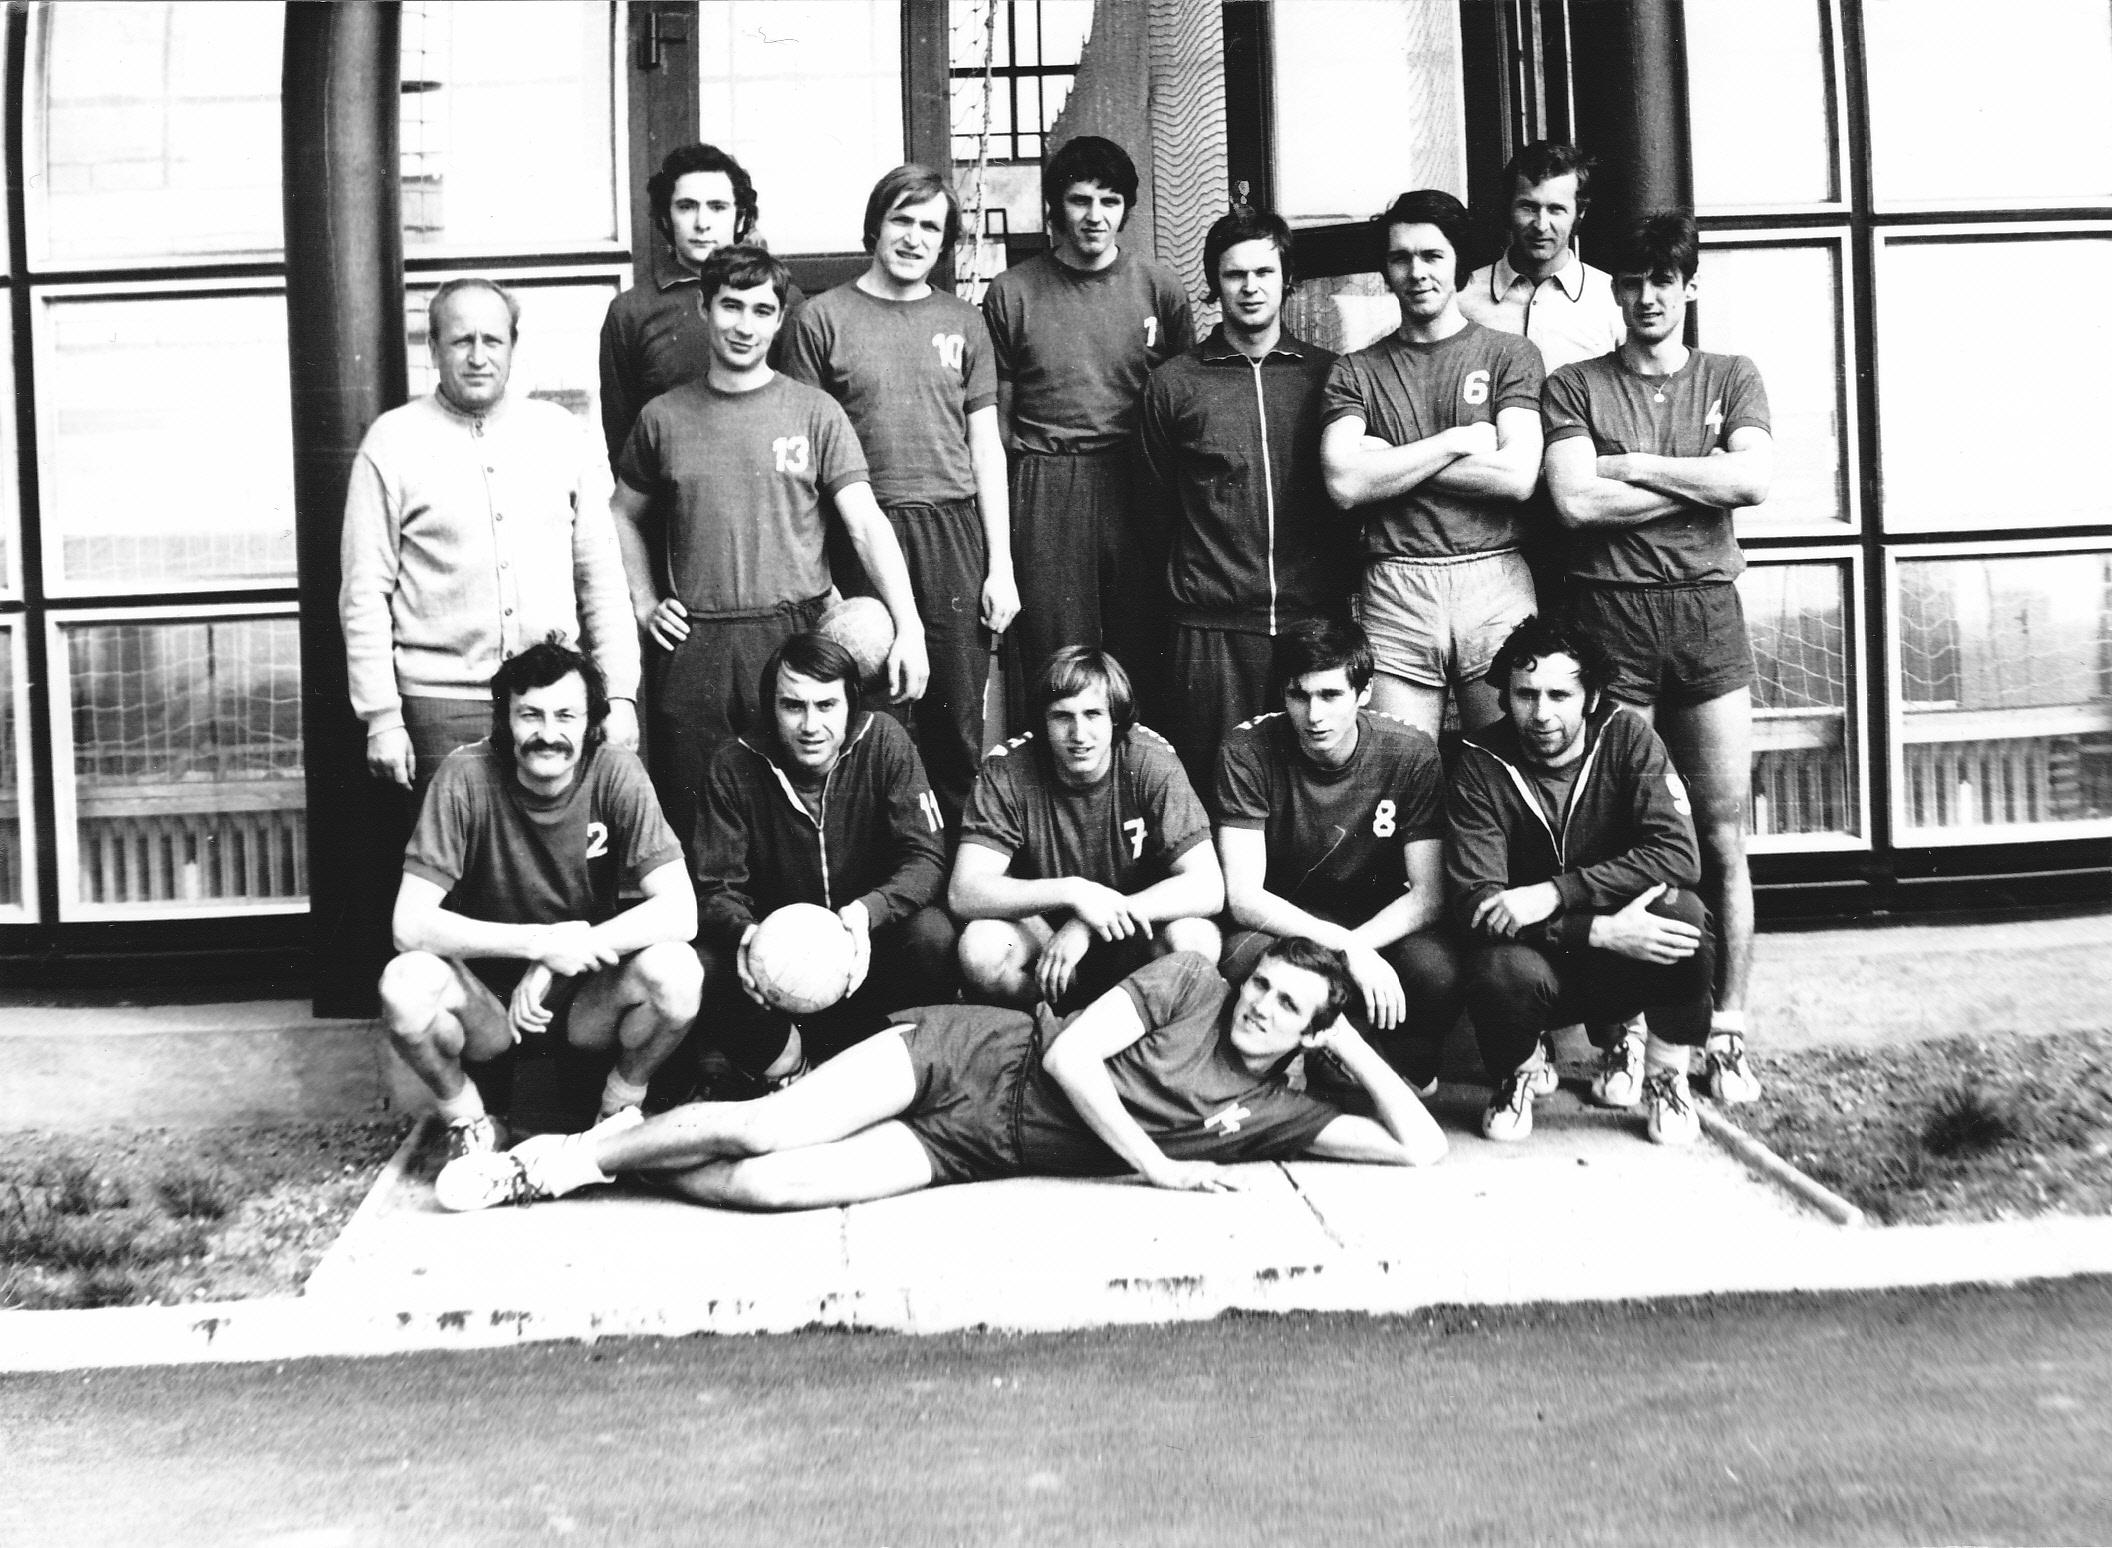 Láďa s míčem v ruce v dolní řadě s družstvem, které si vybojovalo extraligu v roce 1974.